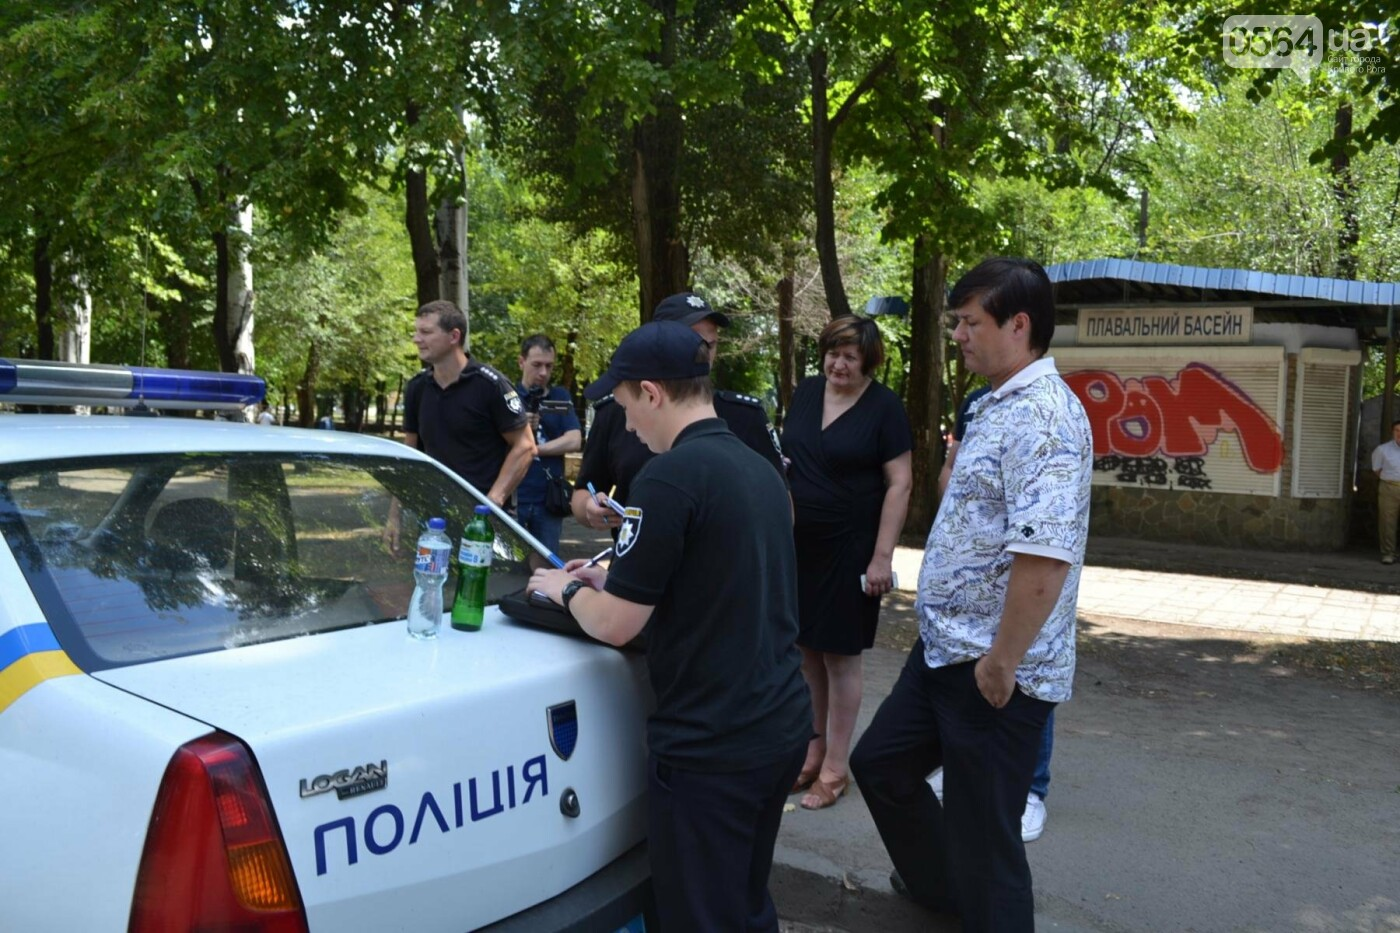 """В Кривом Роге активисты обнаружили очередную """"наливайку"""", а полицейский назвал это """"фигней"""", - ФОТО, ВИДЕО, фото-6"""